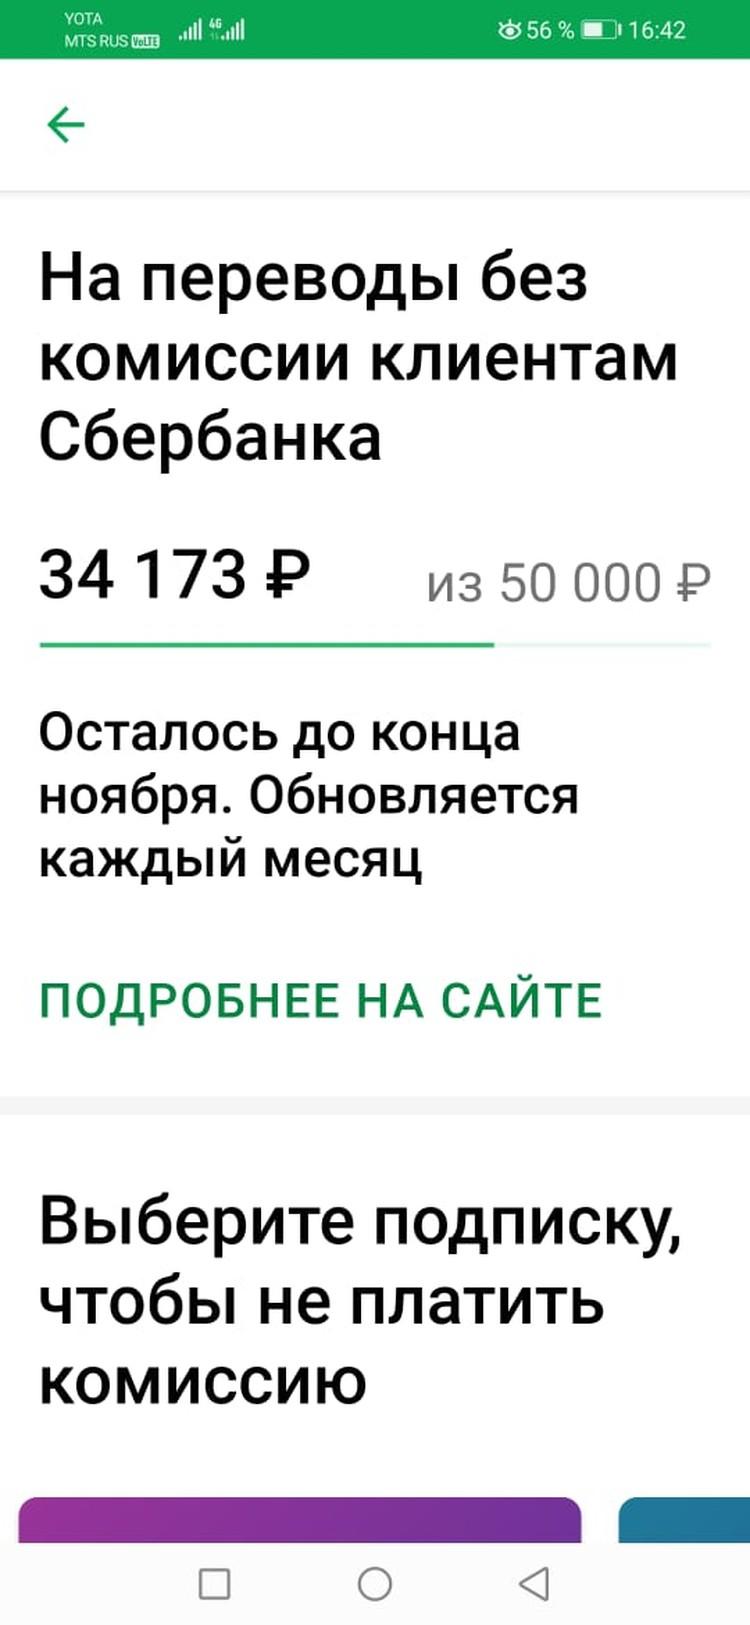 Посмотреть, не превысили ли вы лимиты, можно в мобильном приложении Сбербанк Онлайн